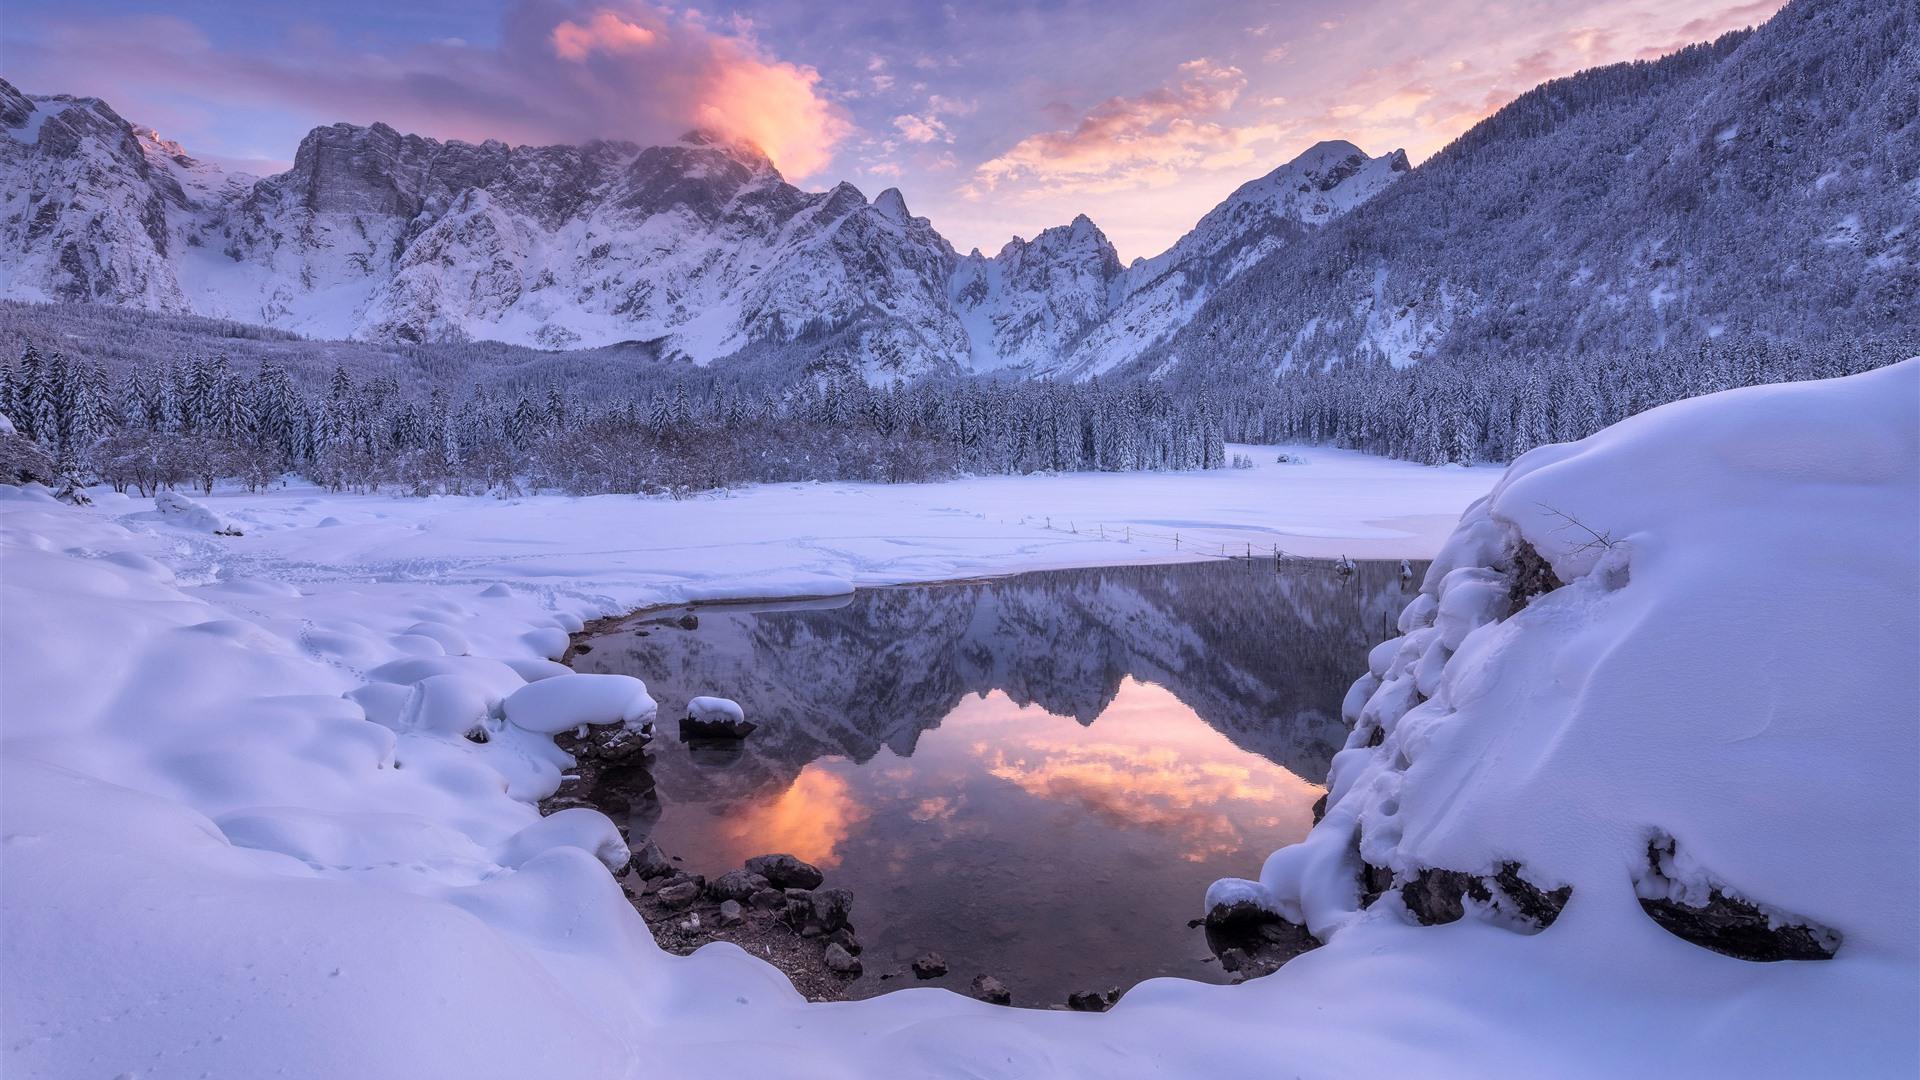 Fonds Décran Paysage Dhiver Magnifique Neige Lac